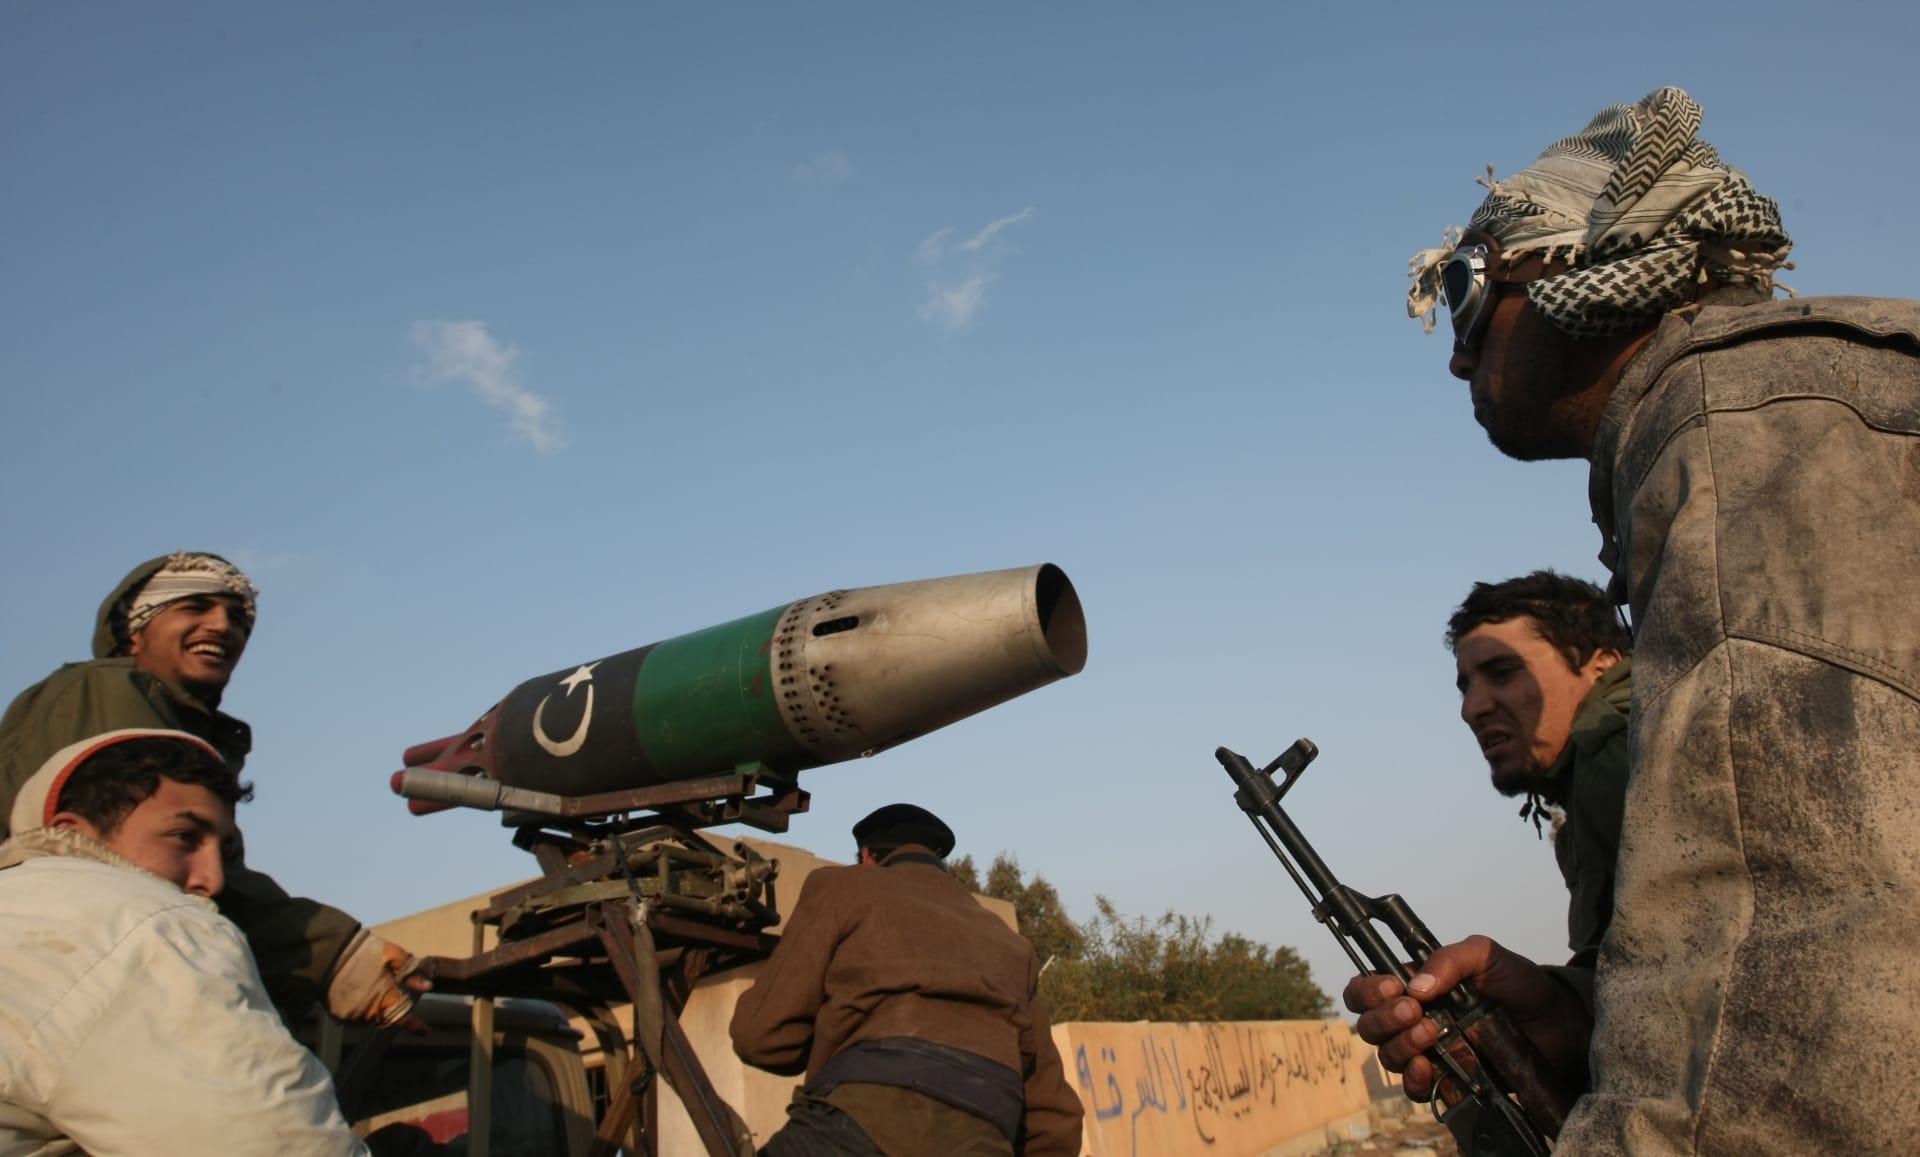 تم التقاط صور لمقاتلين من الثوار الليبيين عند مدخل مدينة بنغازي الشرقية في 7 أبريل / نيسان 2011